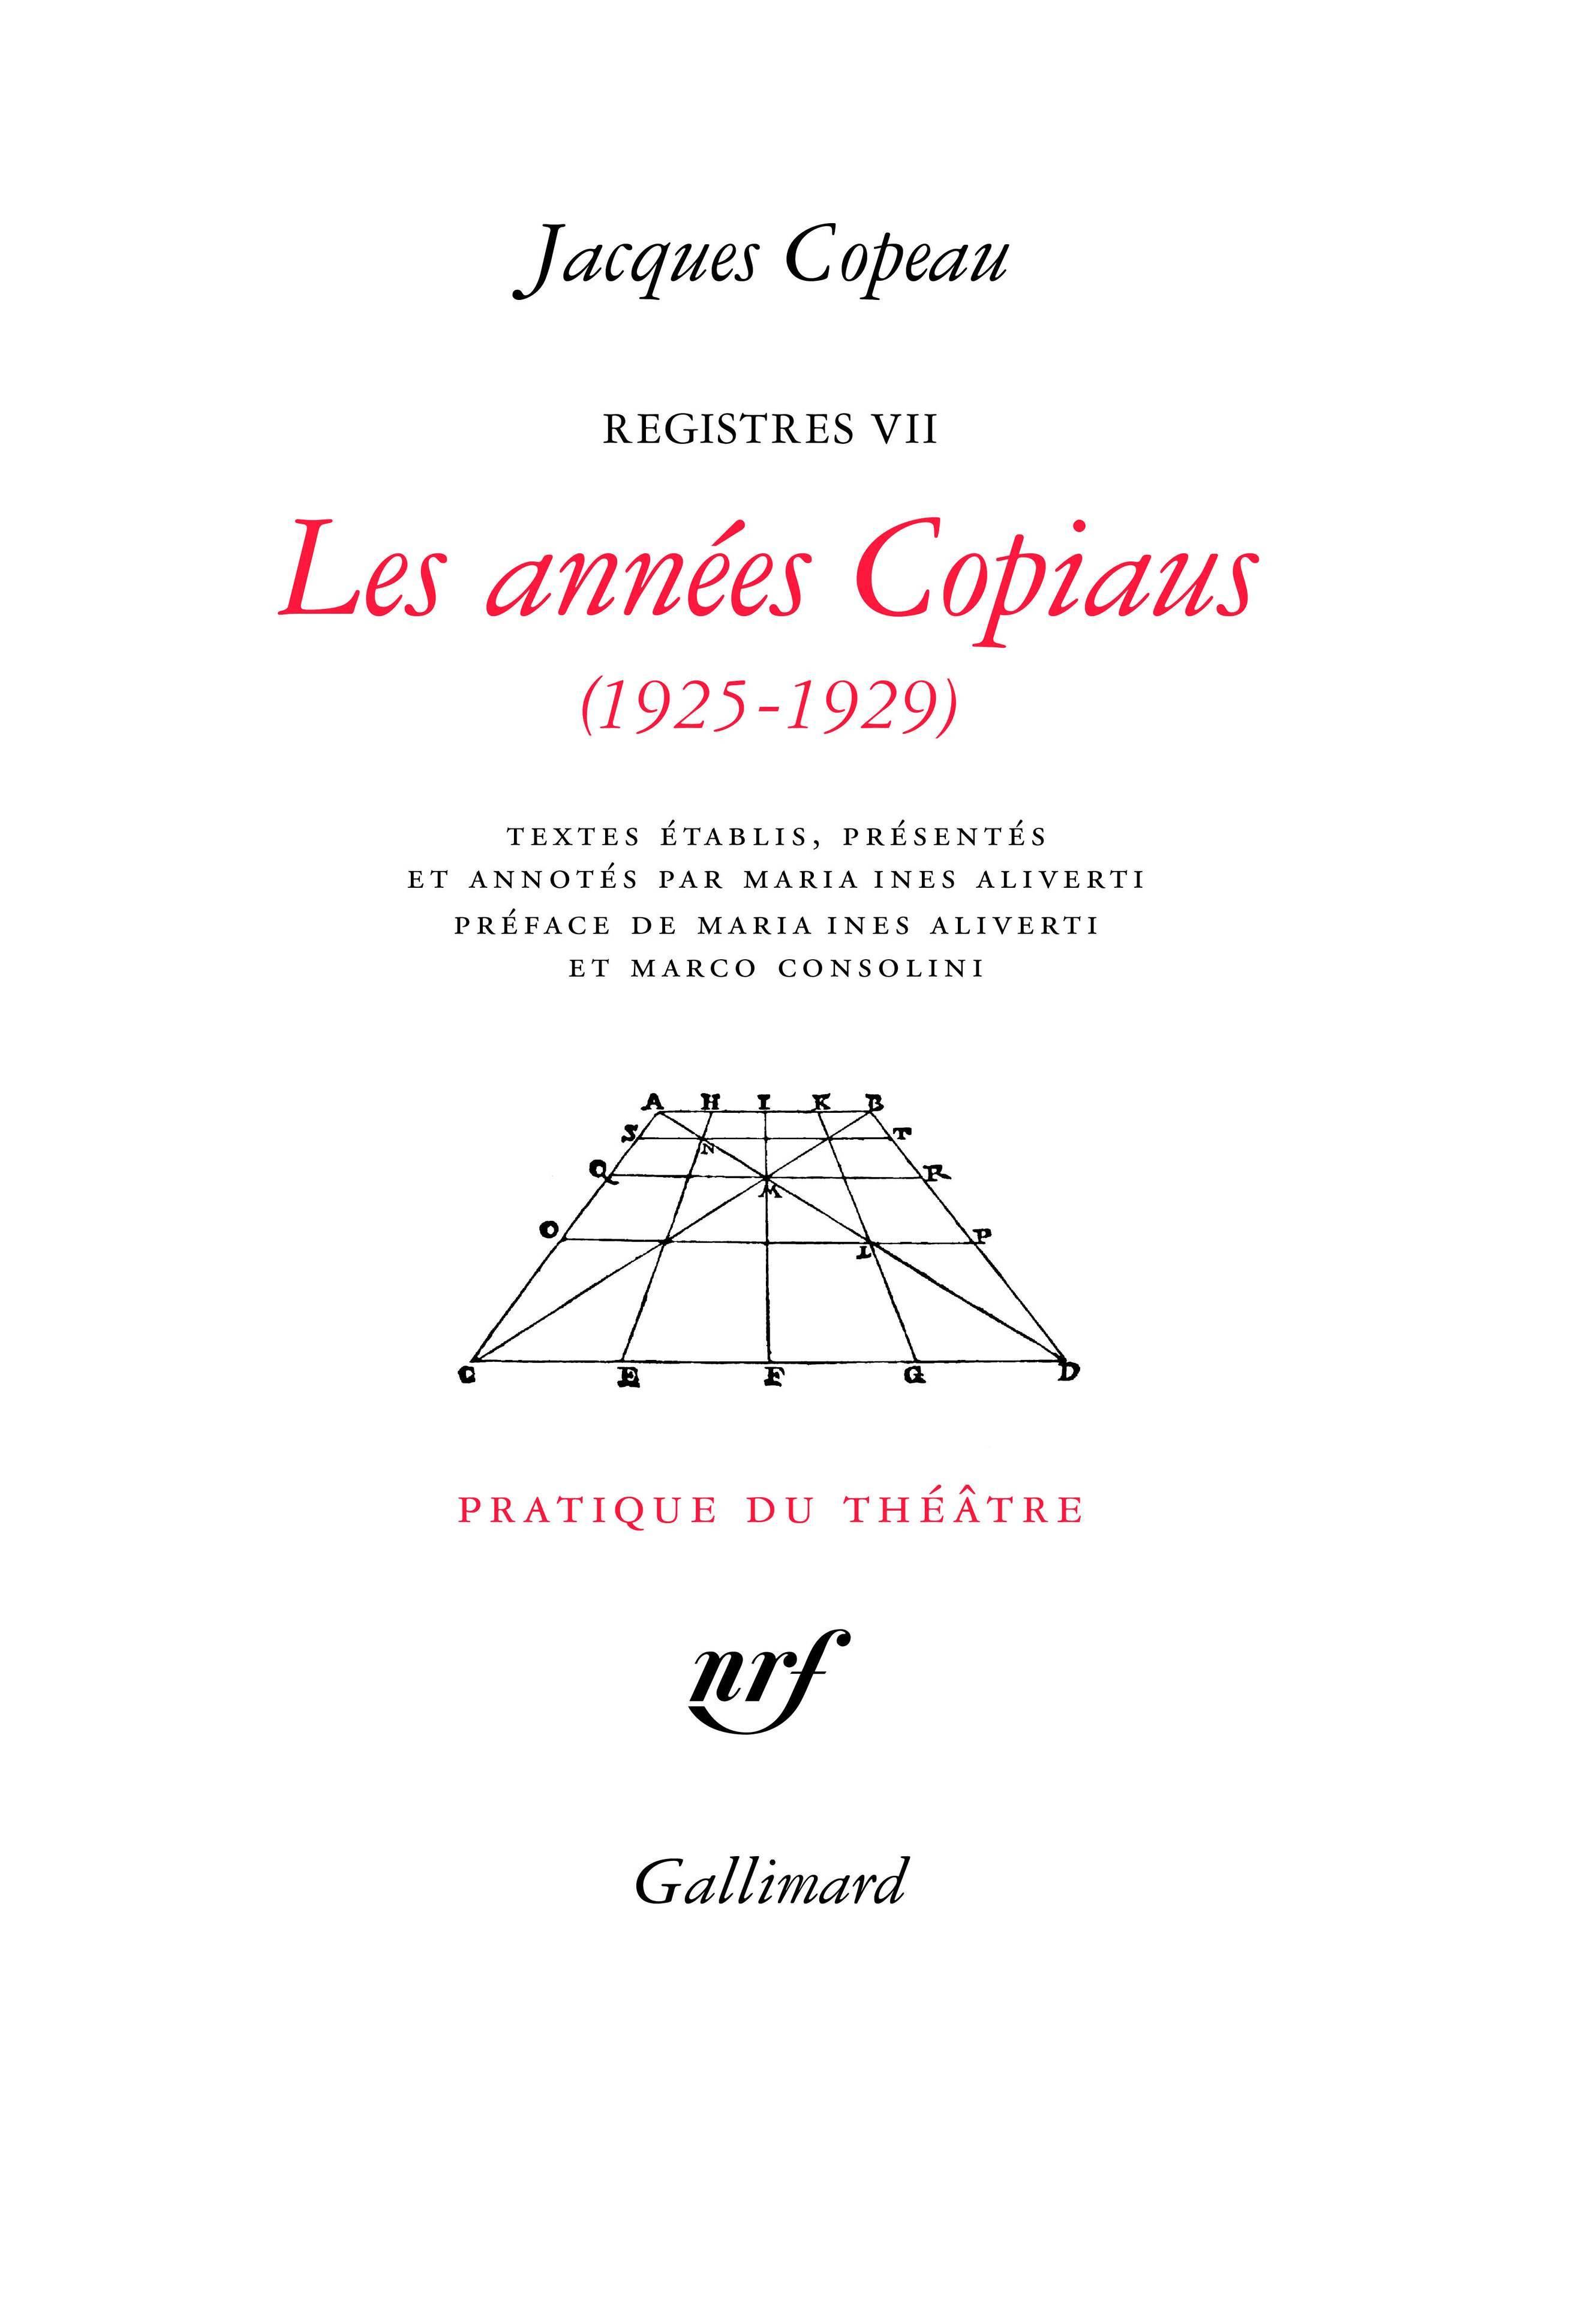 LES ANNEES COPIAUS (1925-1929)